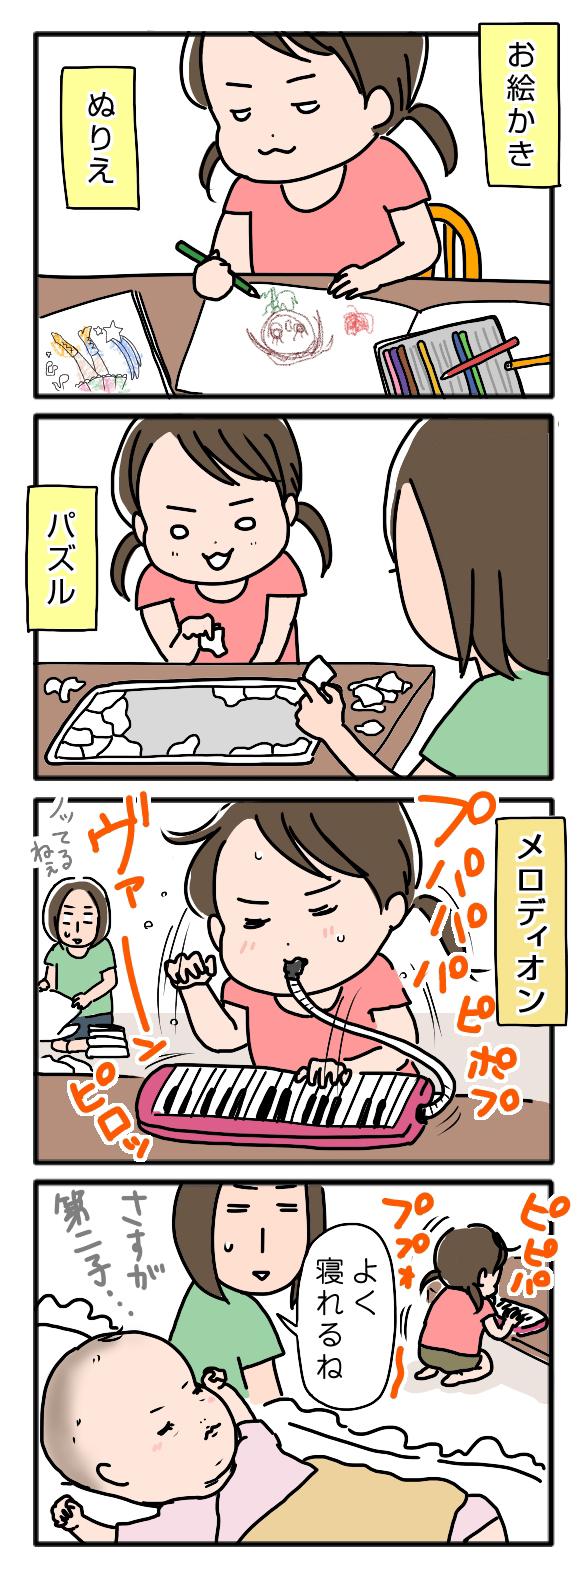 夏休みの室内遊び!アレで騒がしくする長女の横で赤ちゃんは… ~姉ちゃんは育児中 年少編11~の画像1